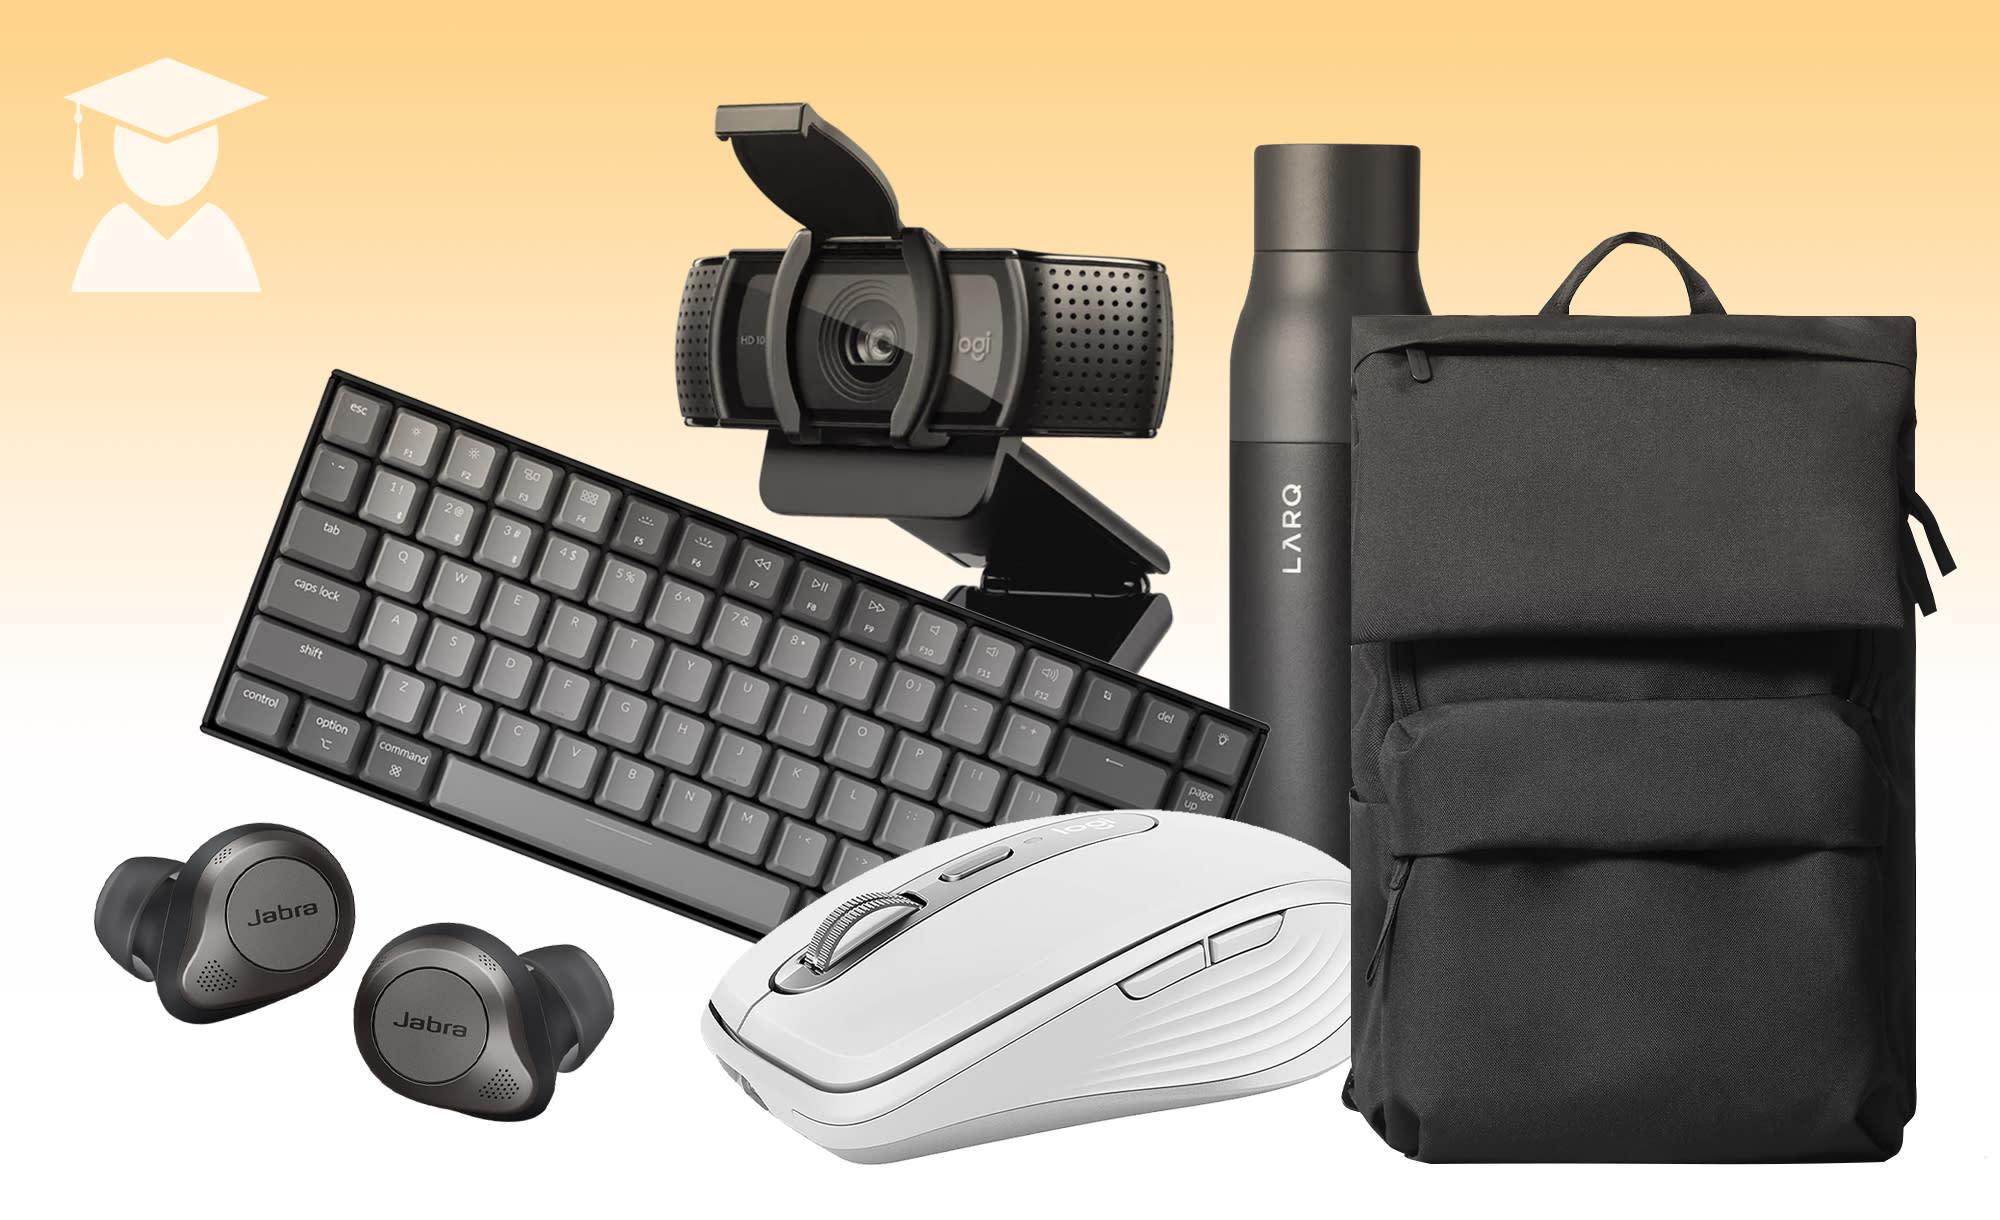 Graduation gifts - work essentials